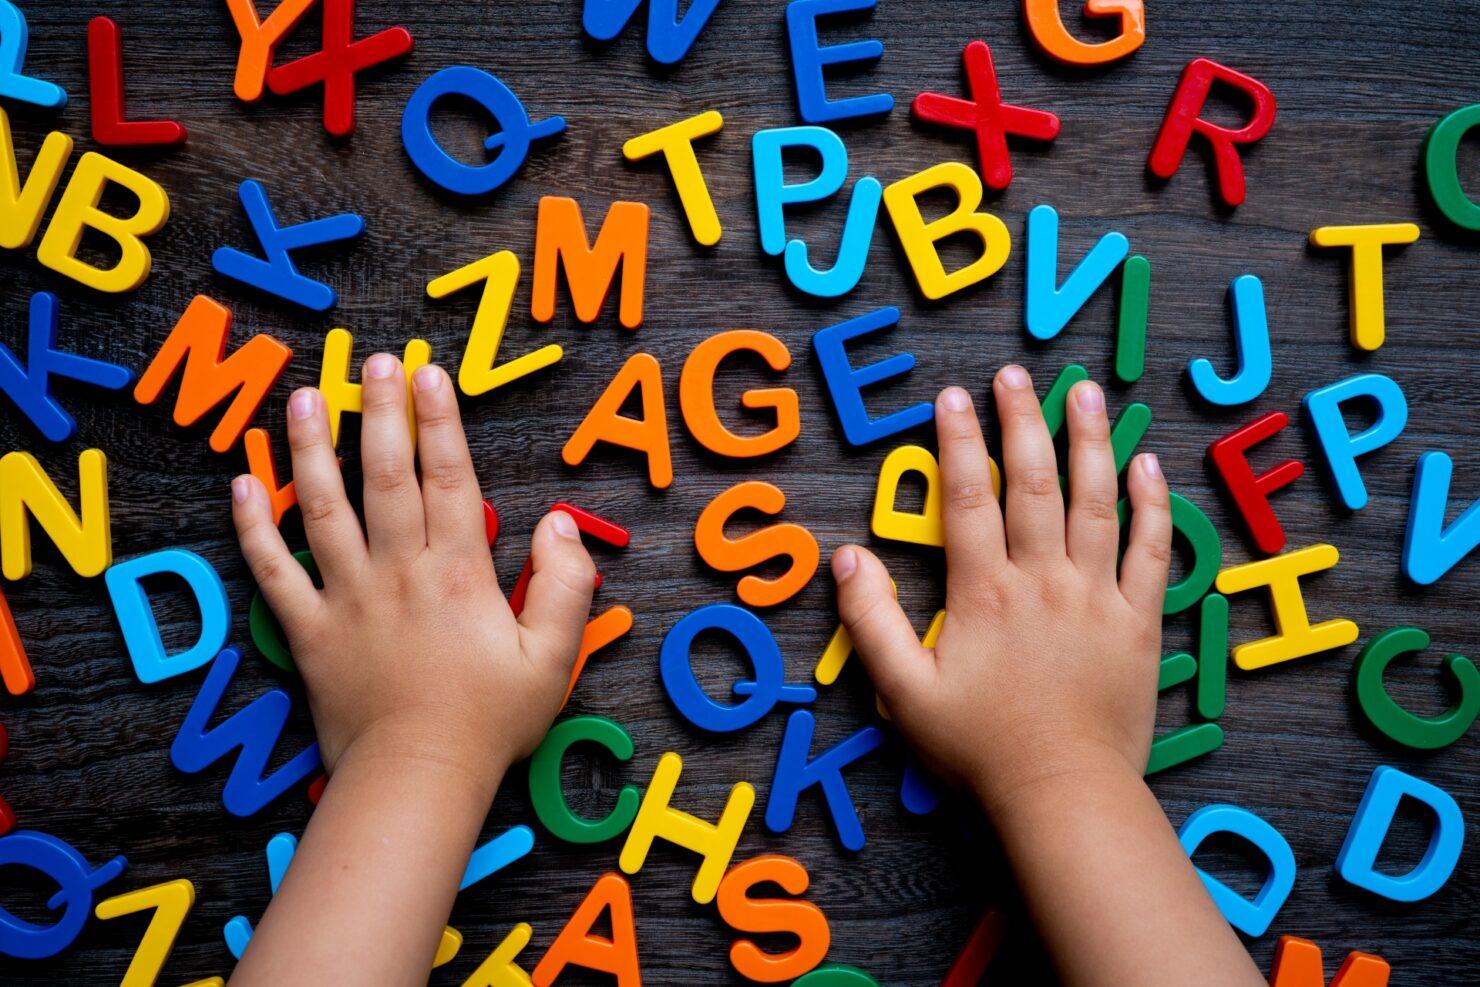 英語字幕対応なので子供の英語学習にも使える